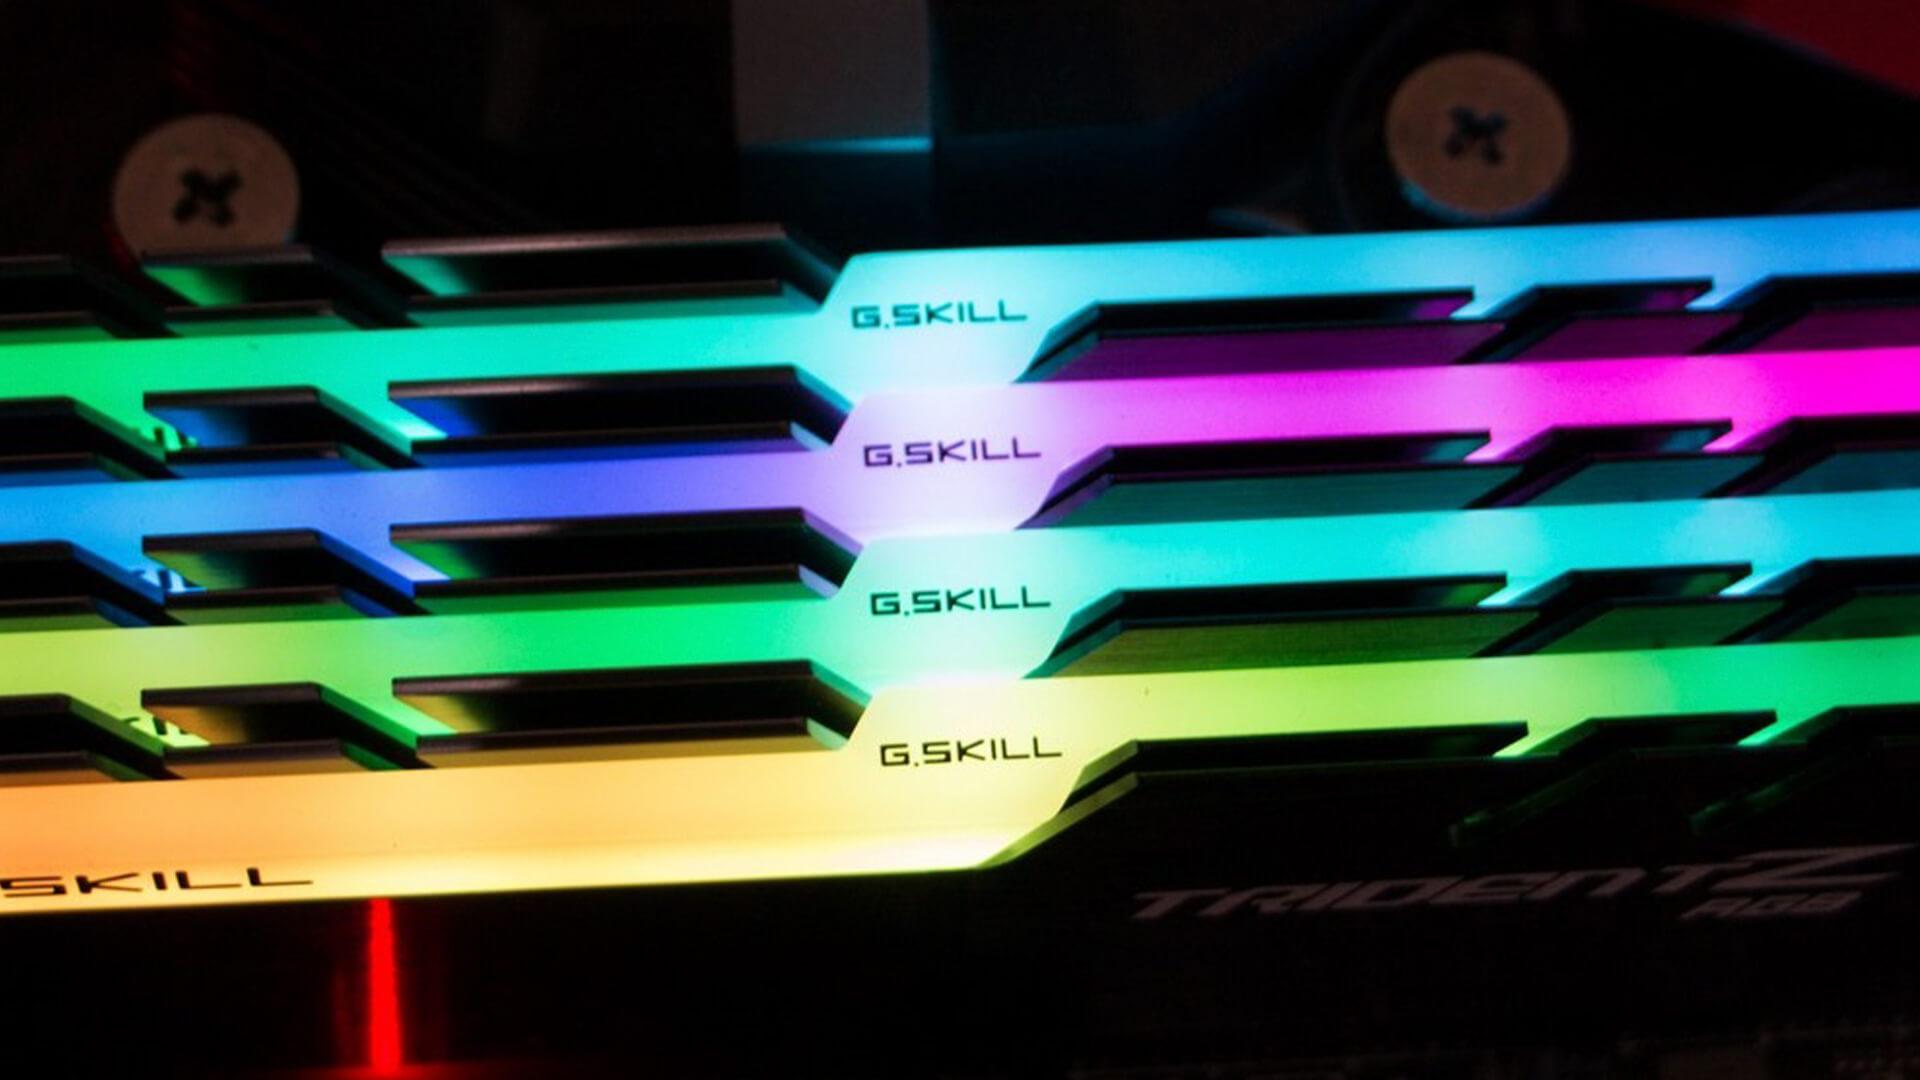 As memórias RAM DDR5 devem chegar em 2023, com pentes de até 128 GB cada. Novos SSD NVME 4.0 podem aumentar até 3 vezes a velocidade.